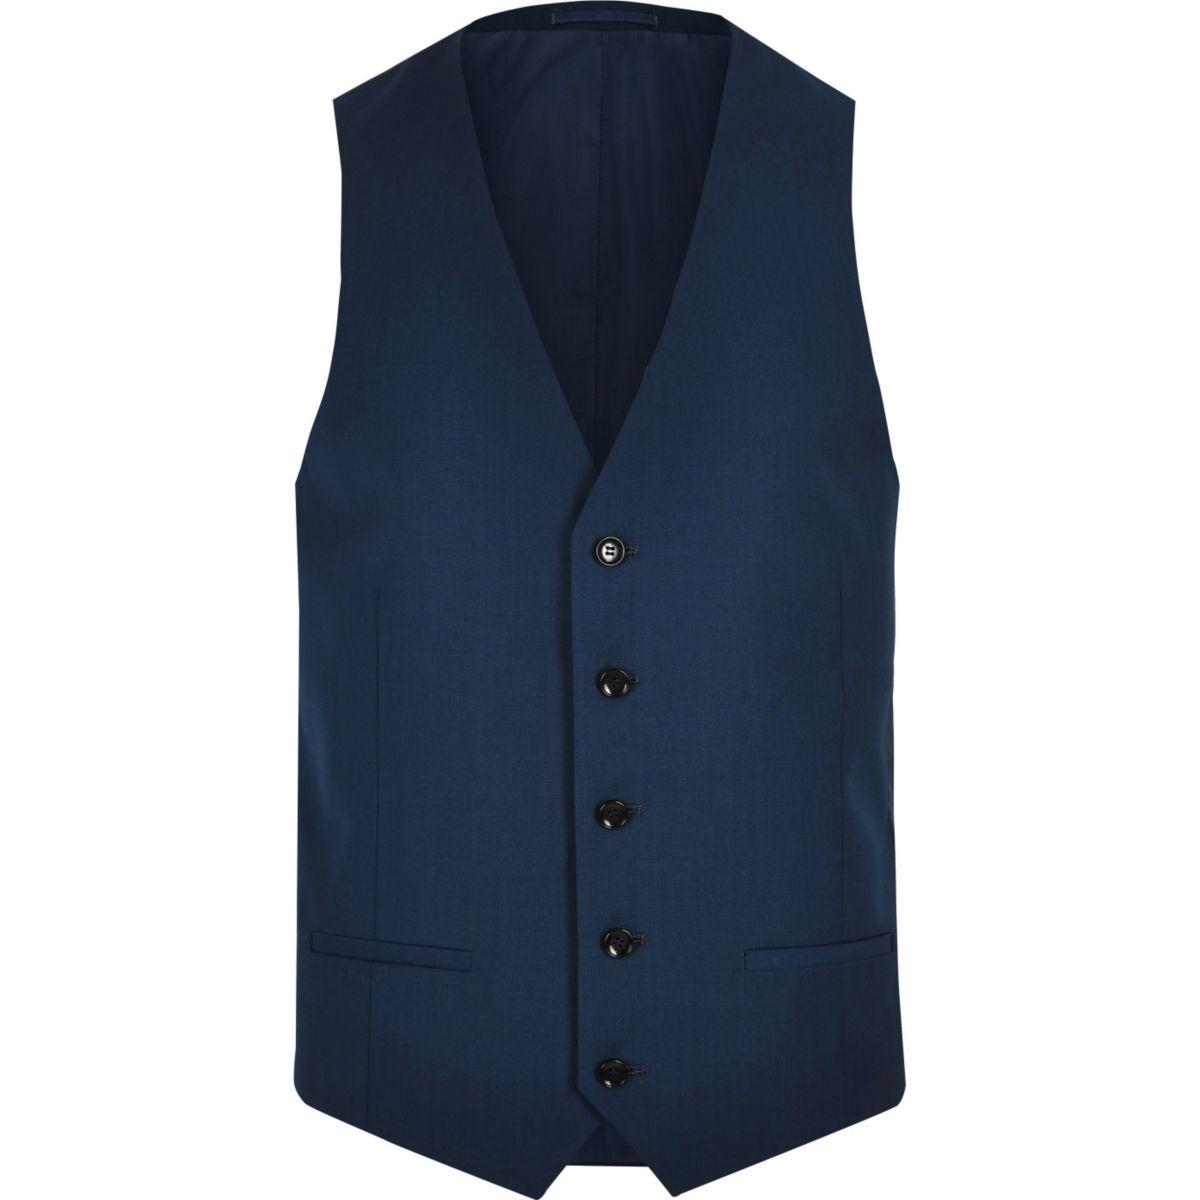 Blue suit vest